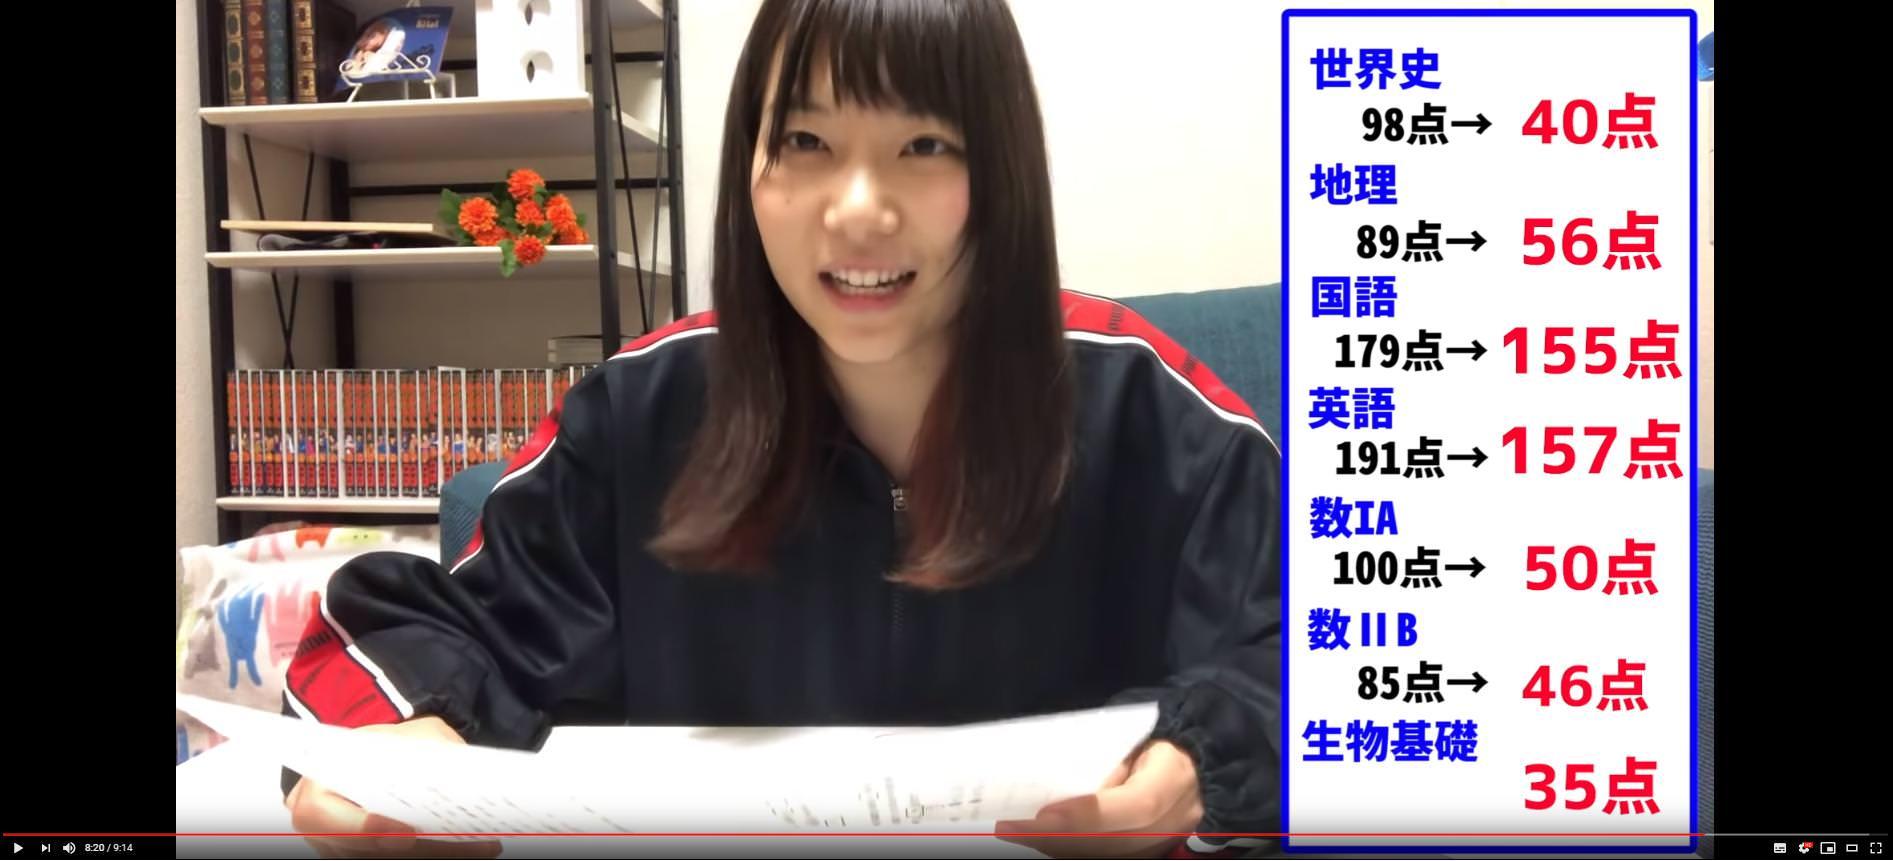 【画像】東大生YouTuberが5年ぶりにセンター試験を受けた結果